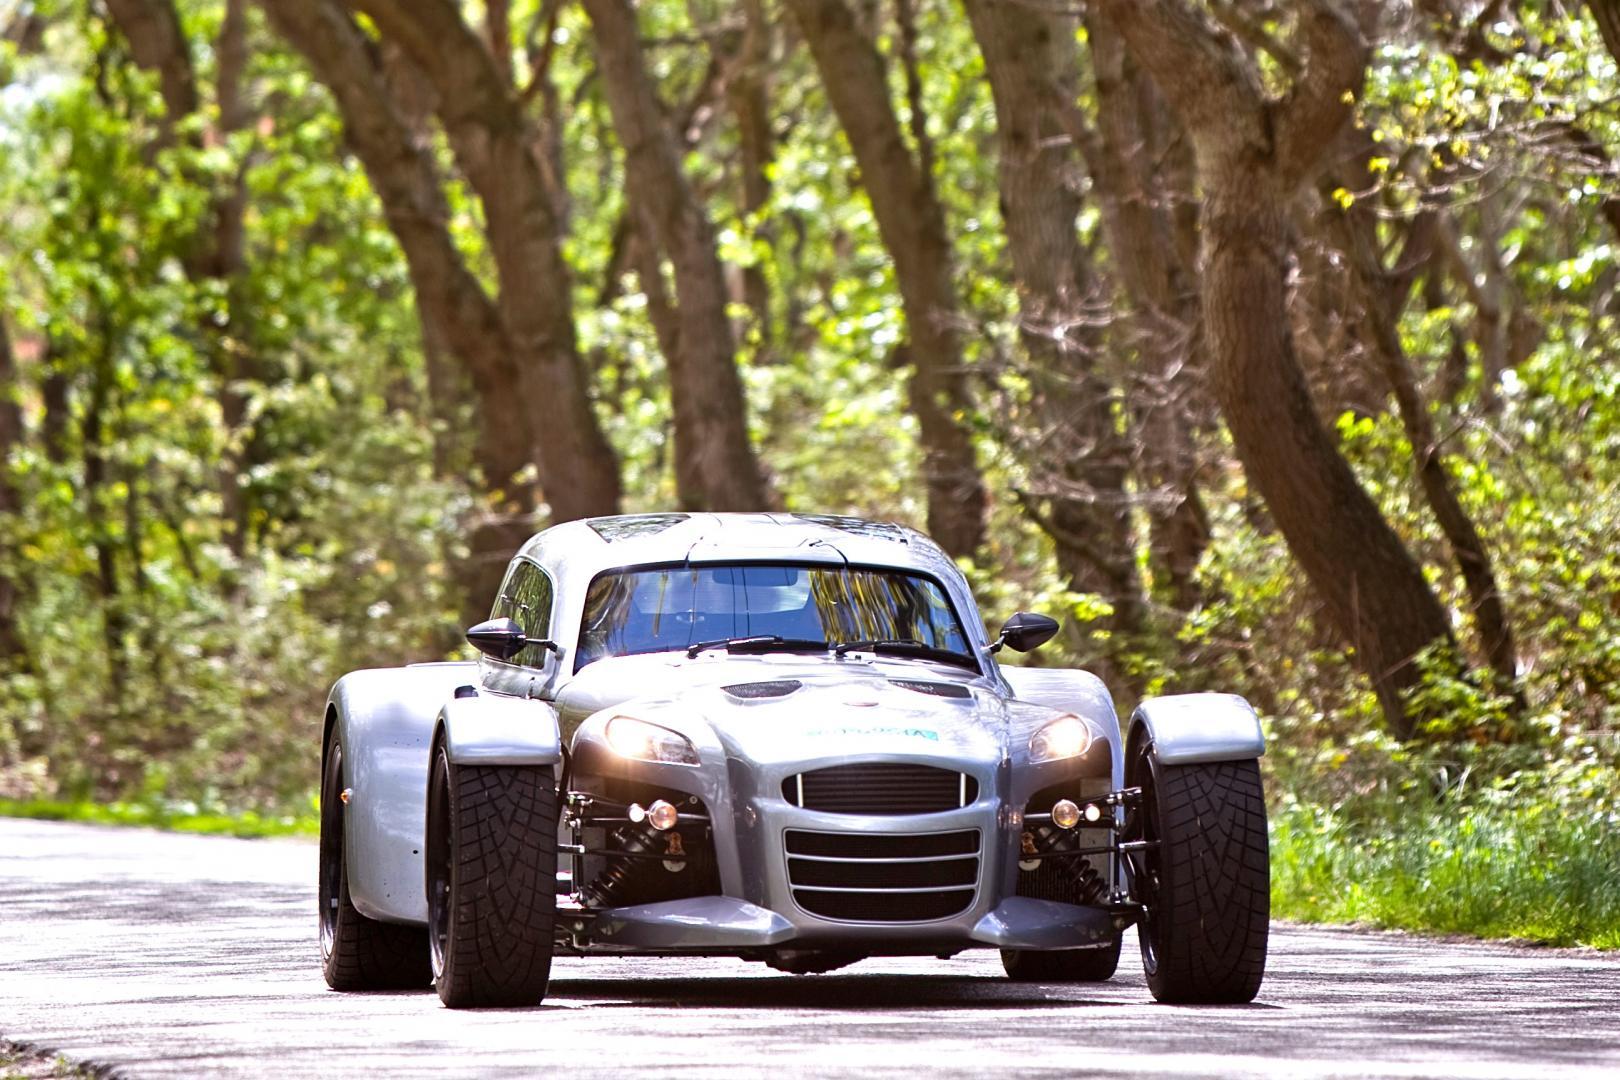 Donkervoort D8 GT (2007)